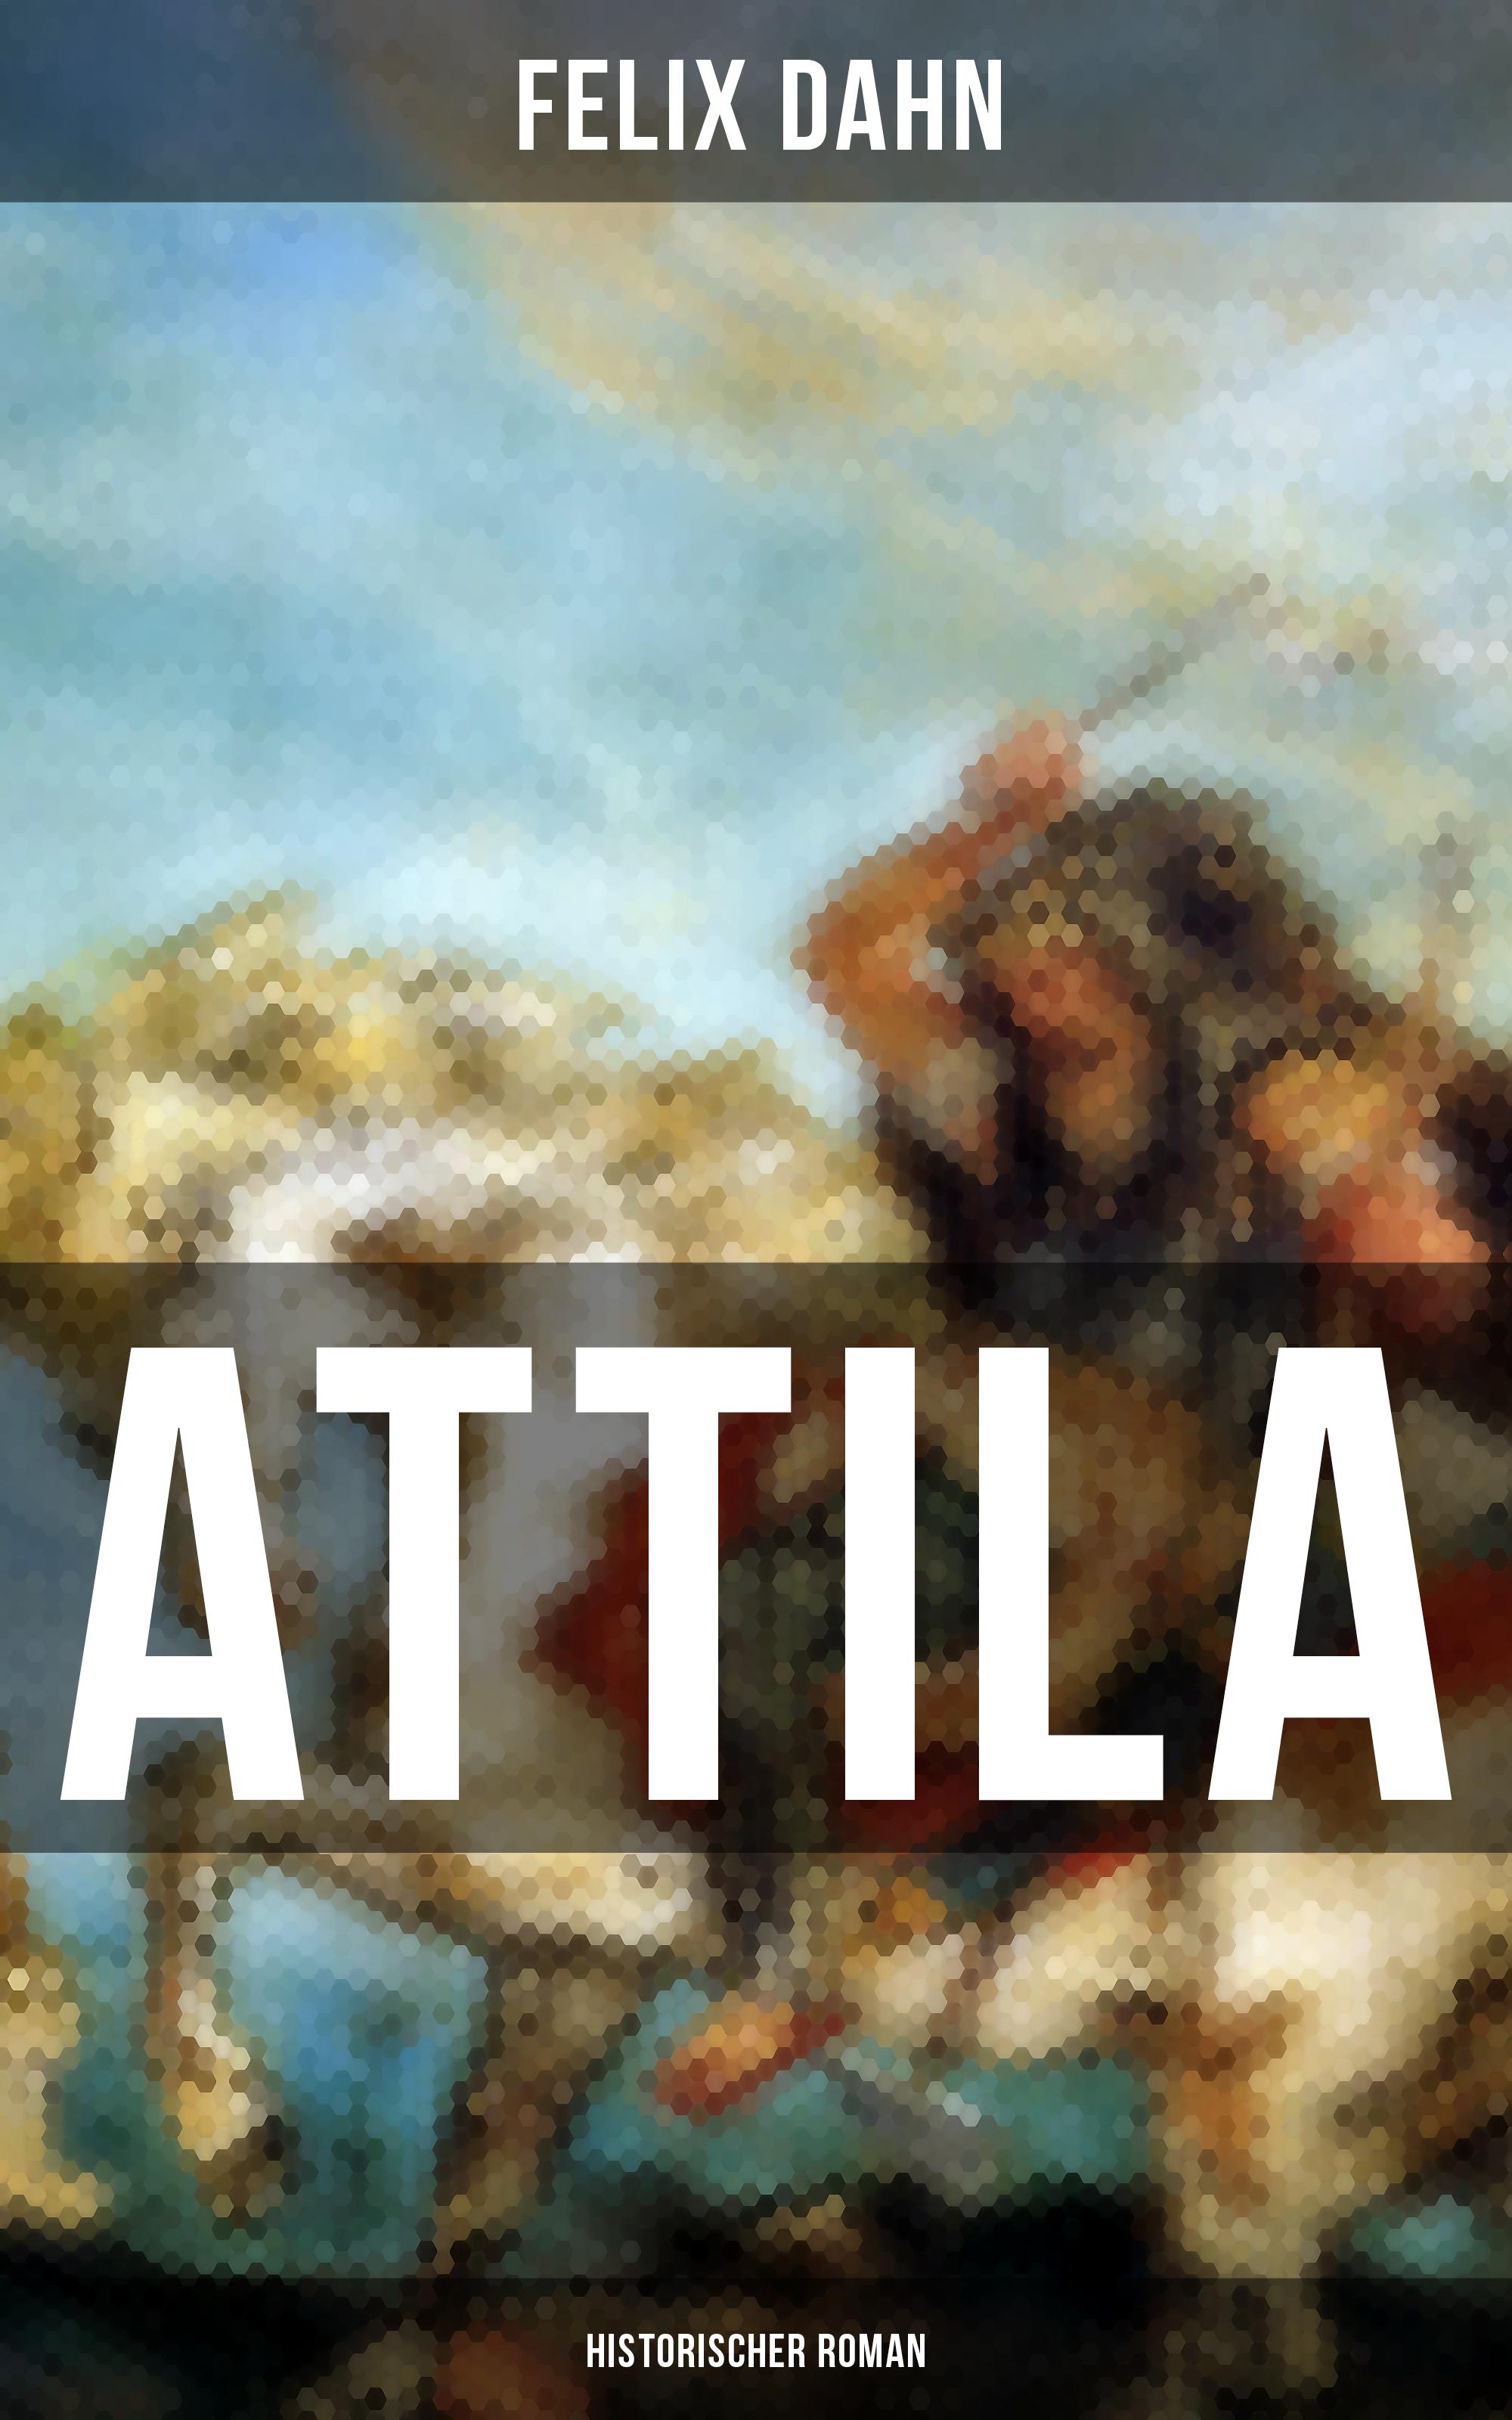 Felix Dahn ATTILA: Historischer Roman